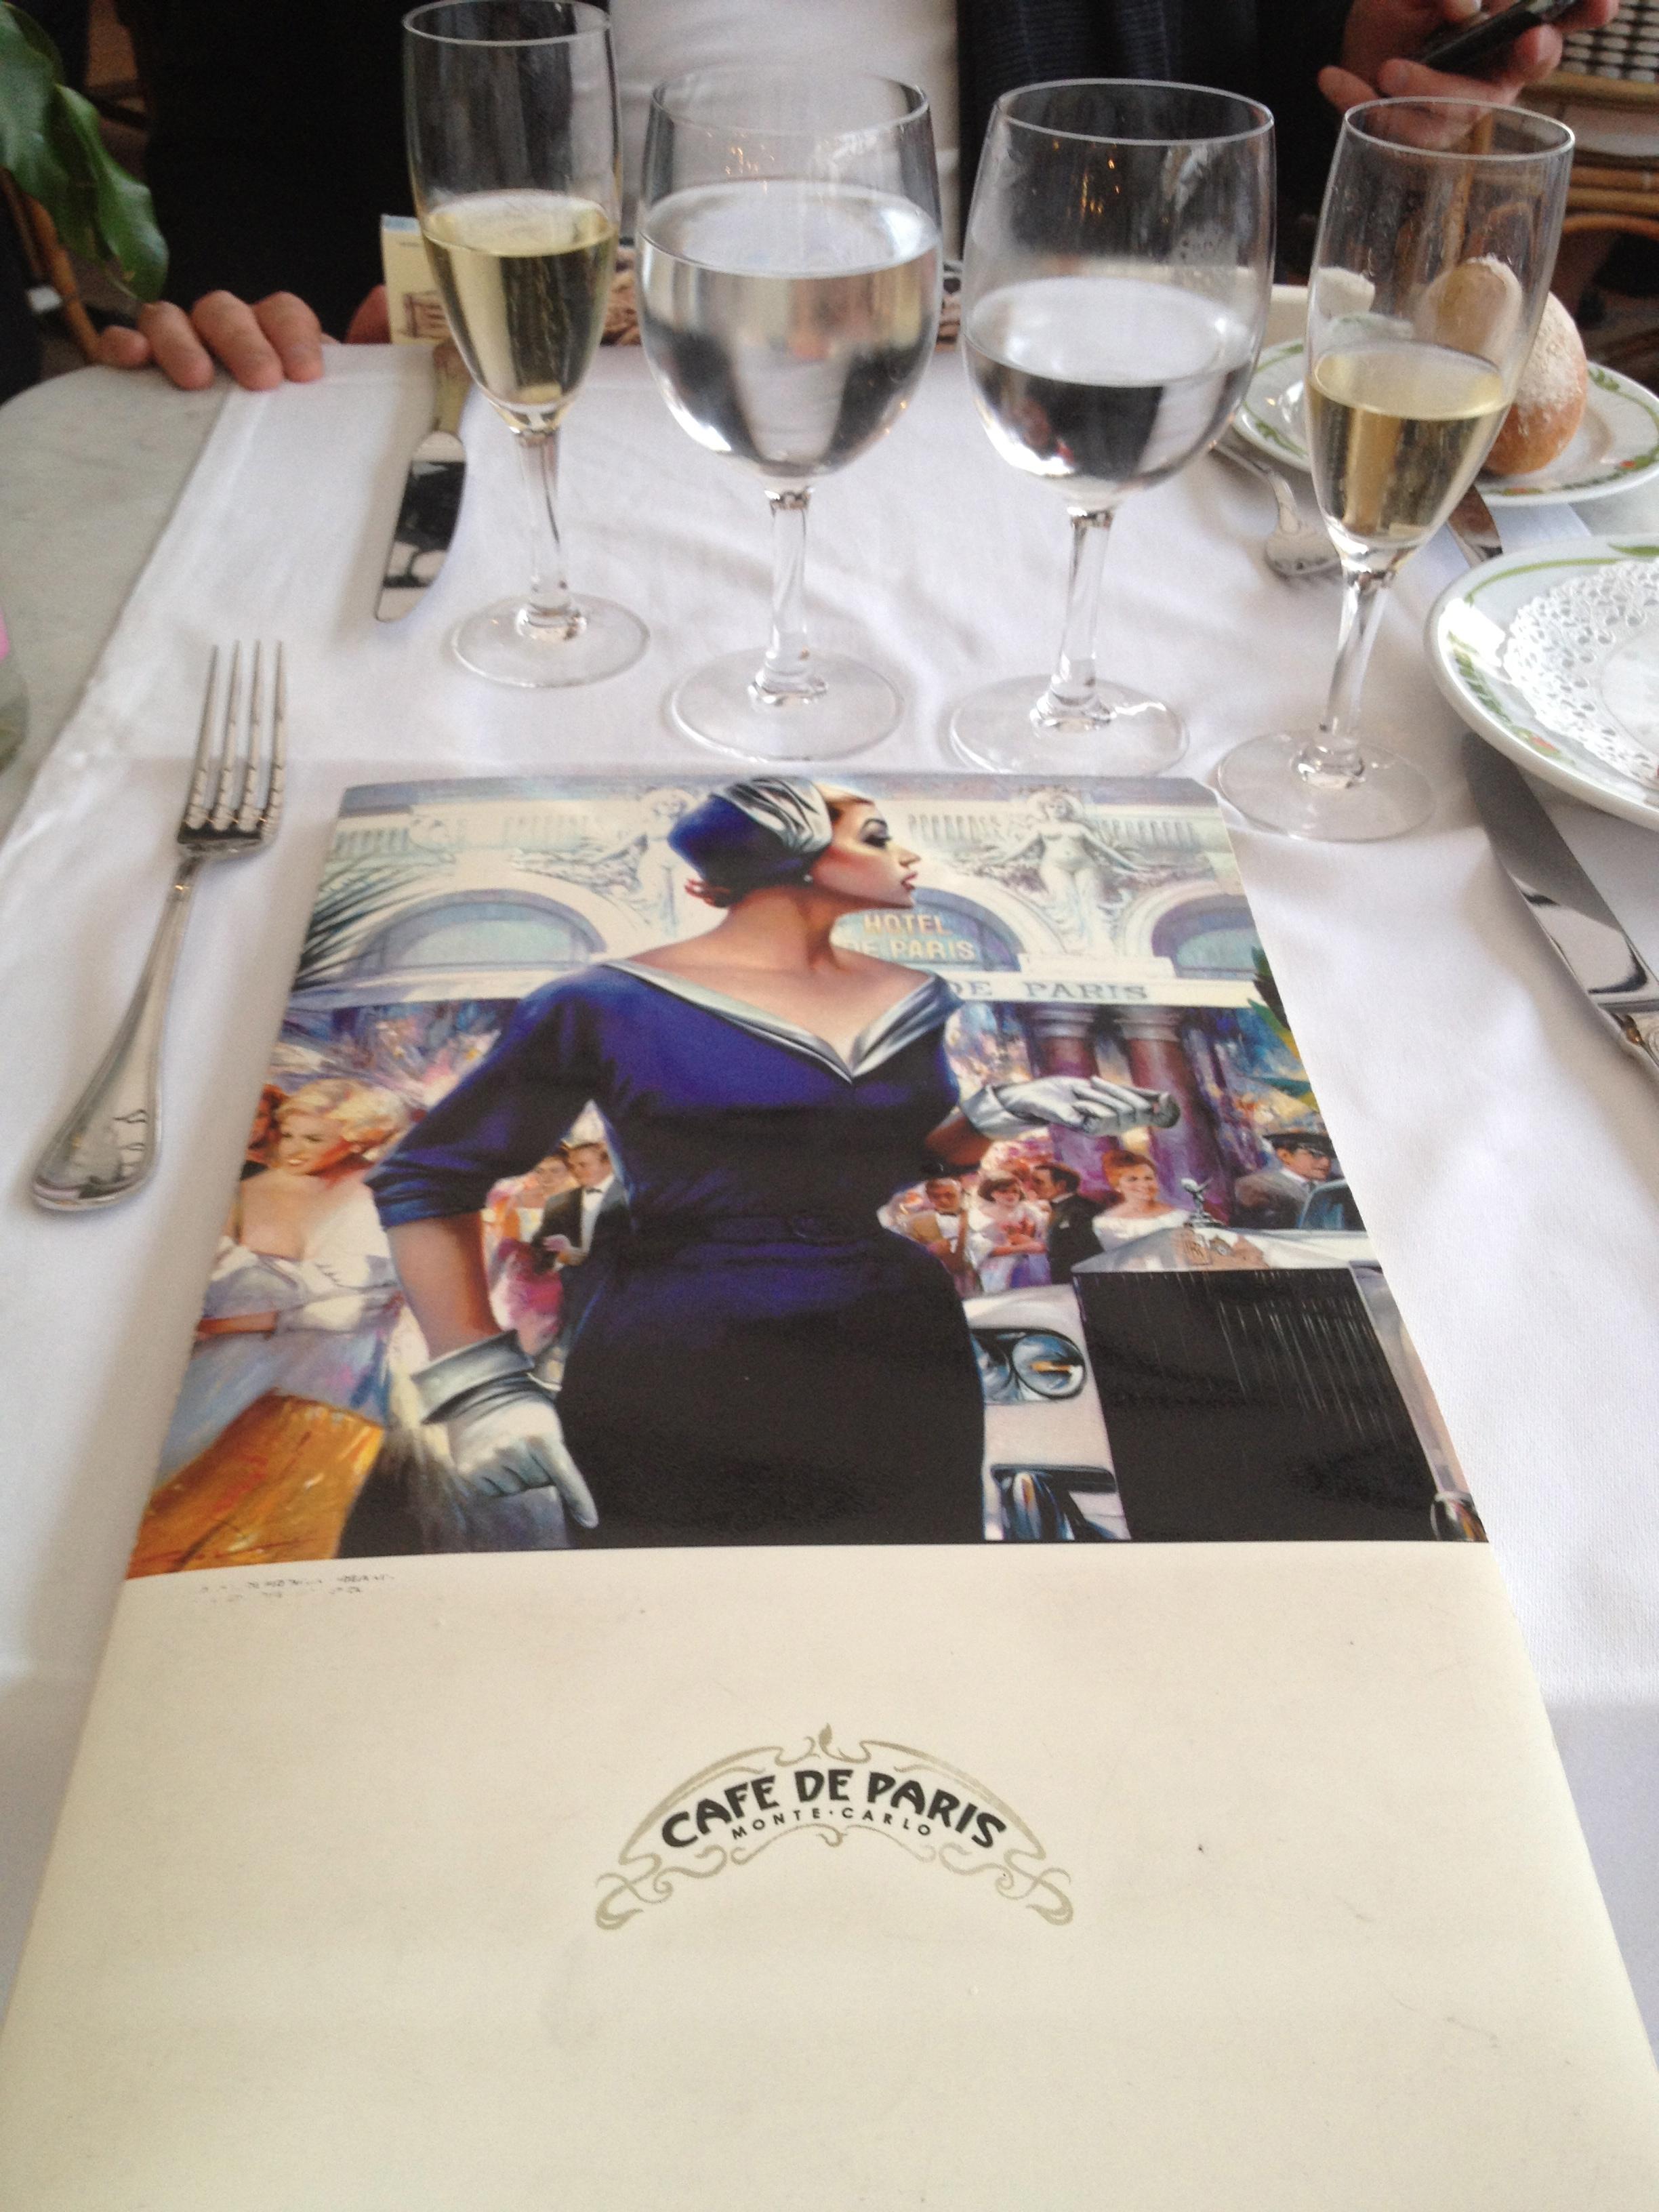 The stylish menu